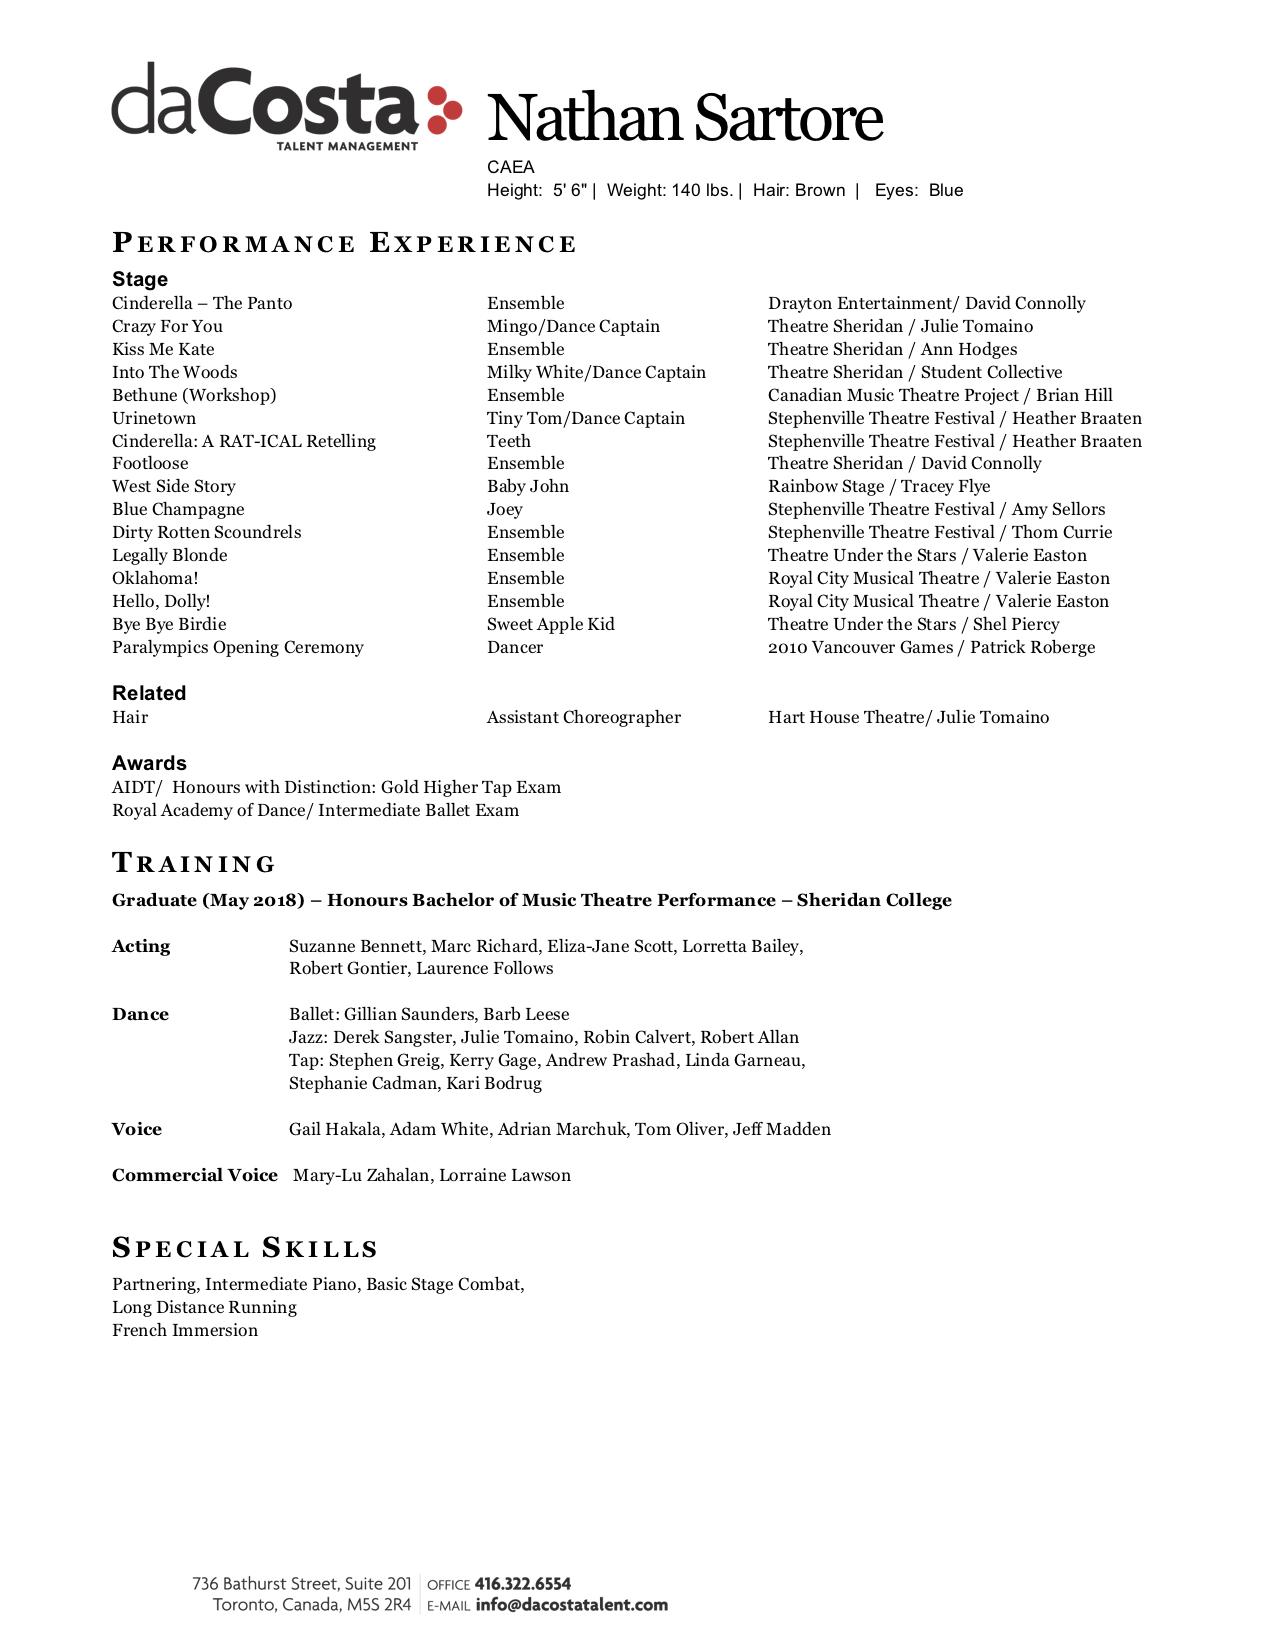 Nathan Sartore - Resume.jpg